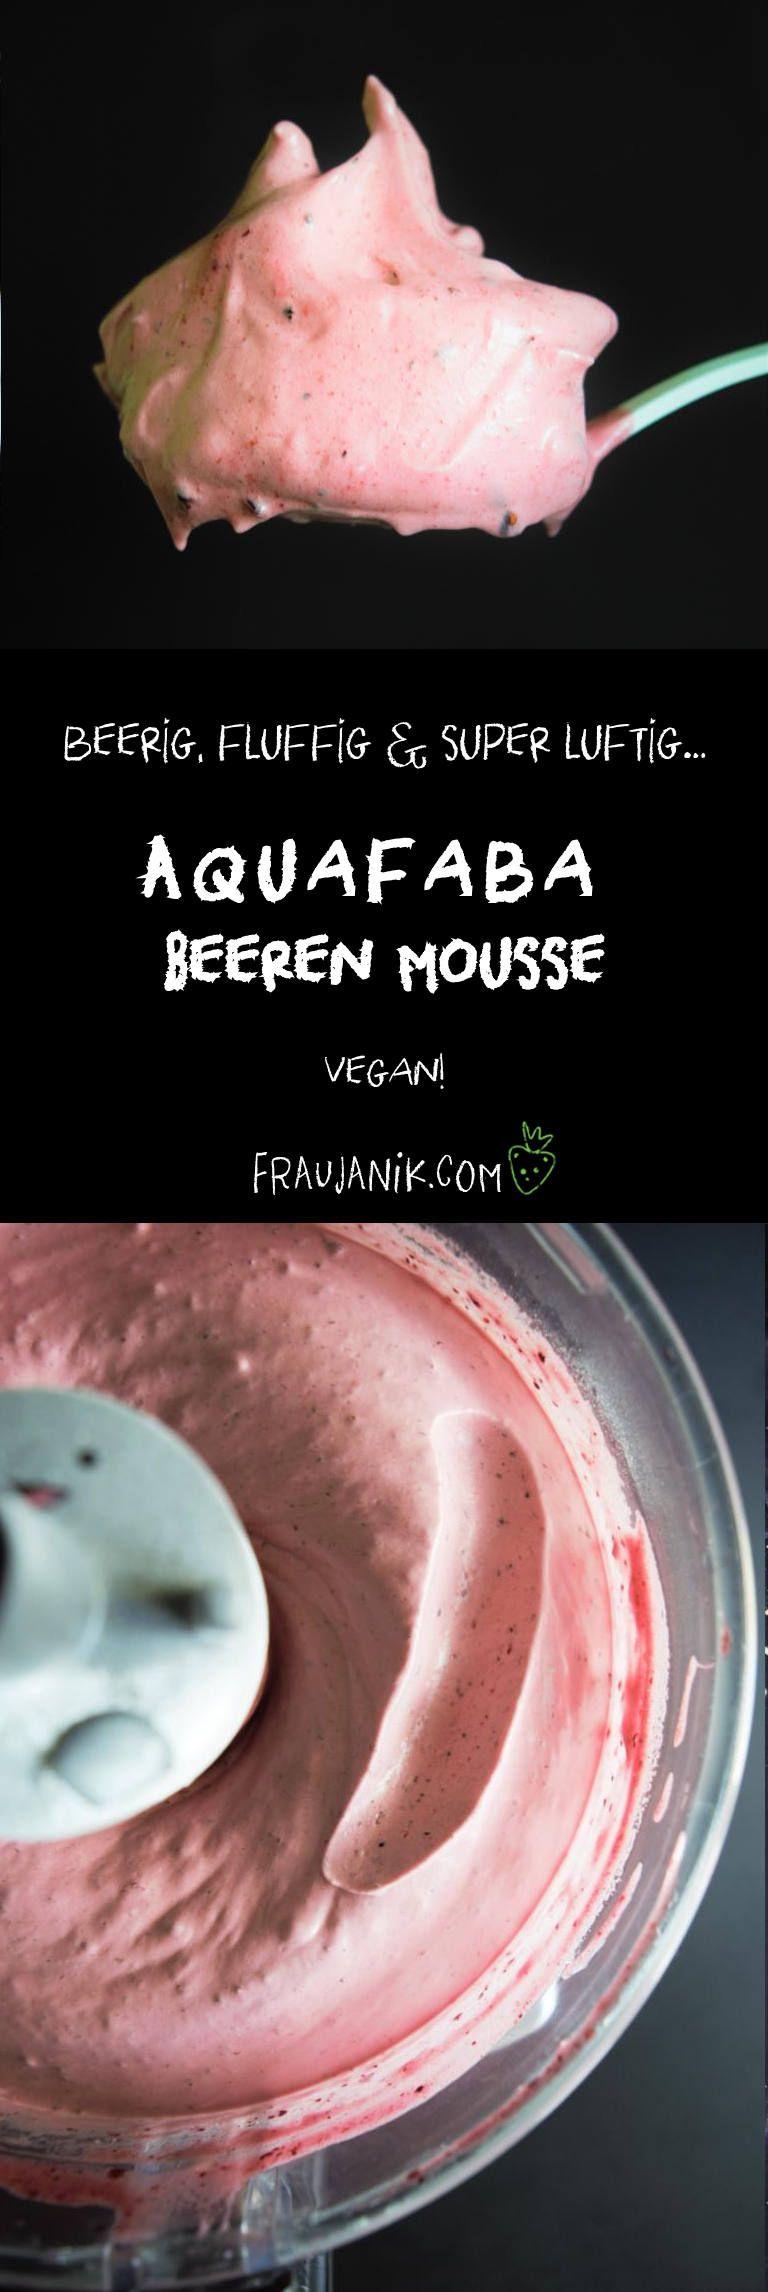 Aquafaba Mousse | 3 Zutaten | vegan, Einfache Beeren Mousse #aquafaba #mousse #creme #beeren #dessert #vegan #softeis #vitamins